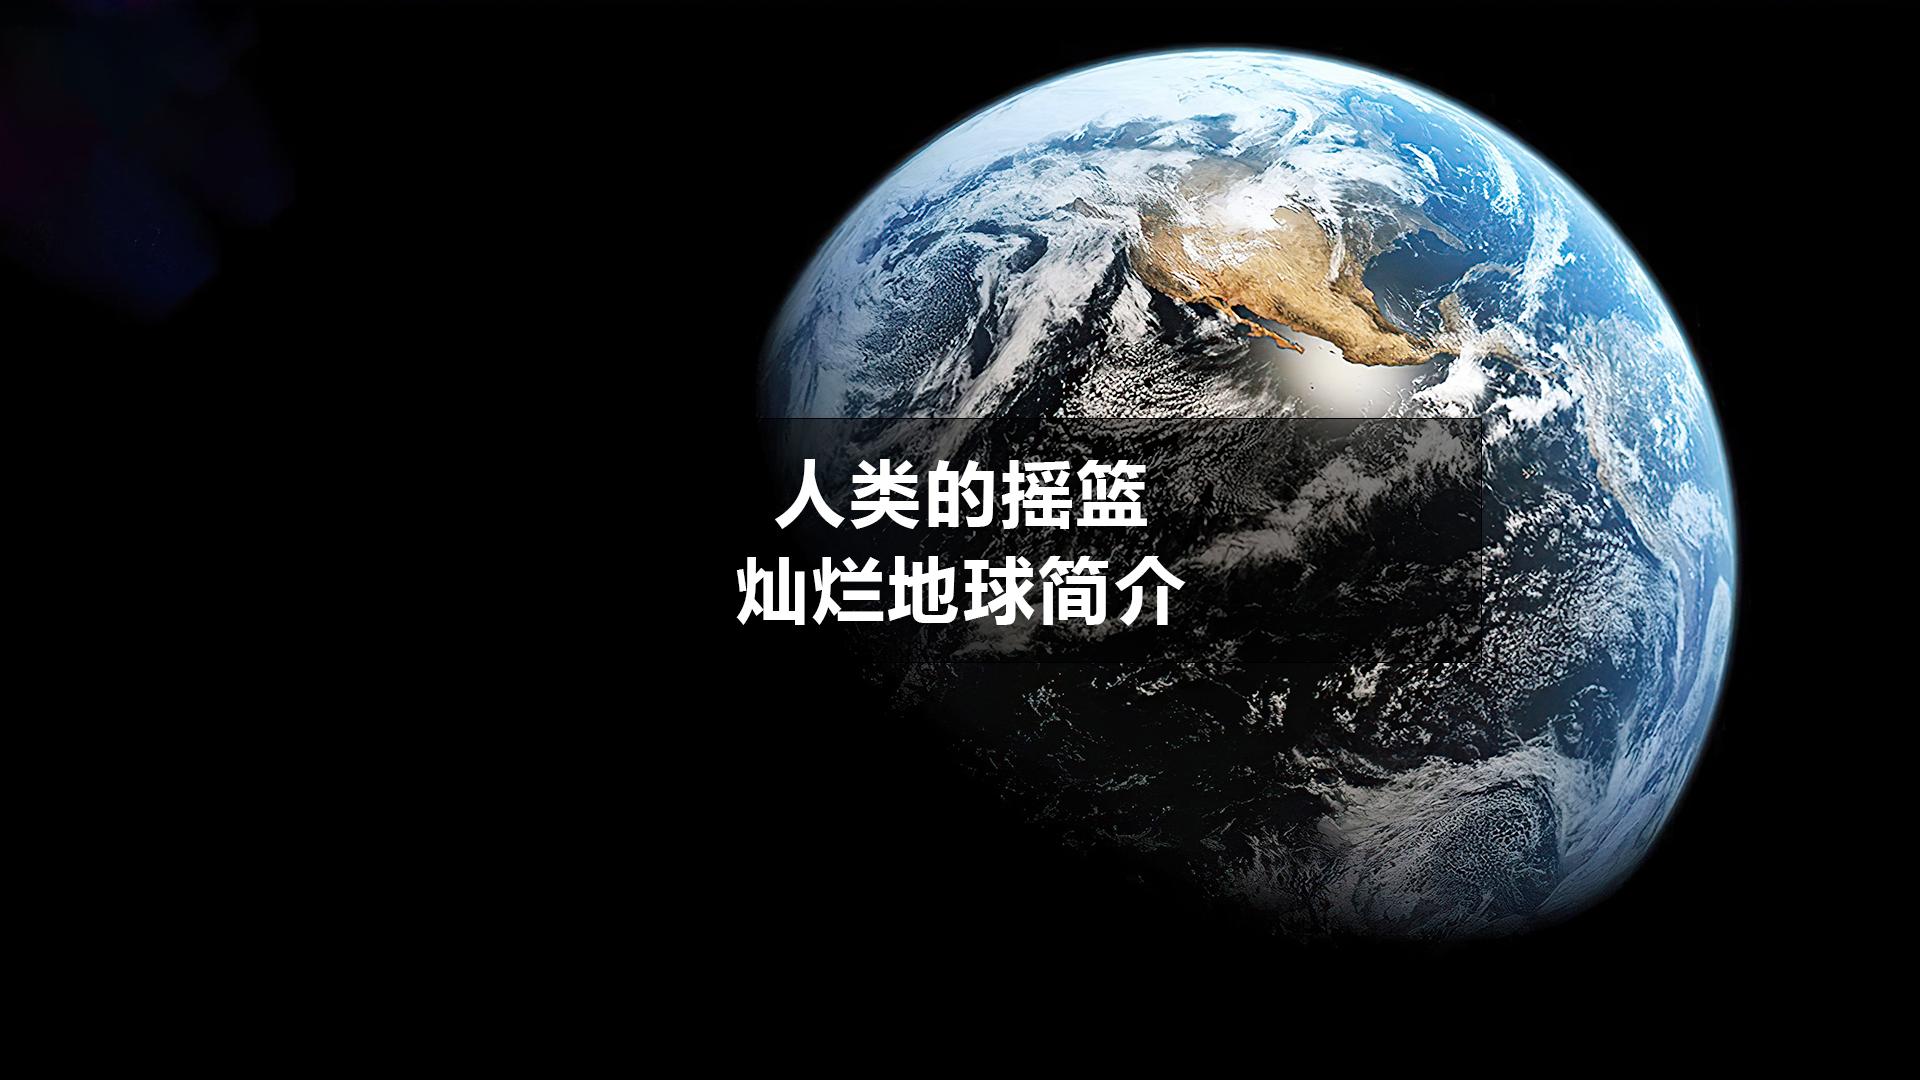 目前唯一有生命的星球,人类的摇篮——灿烂的地球简介4K